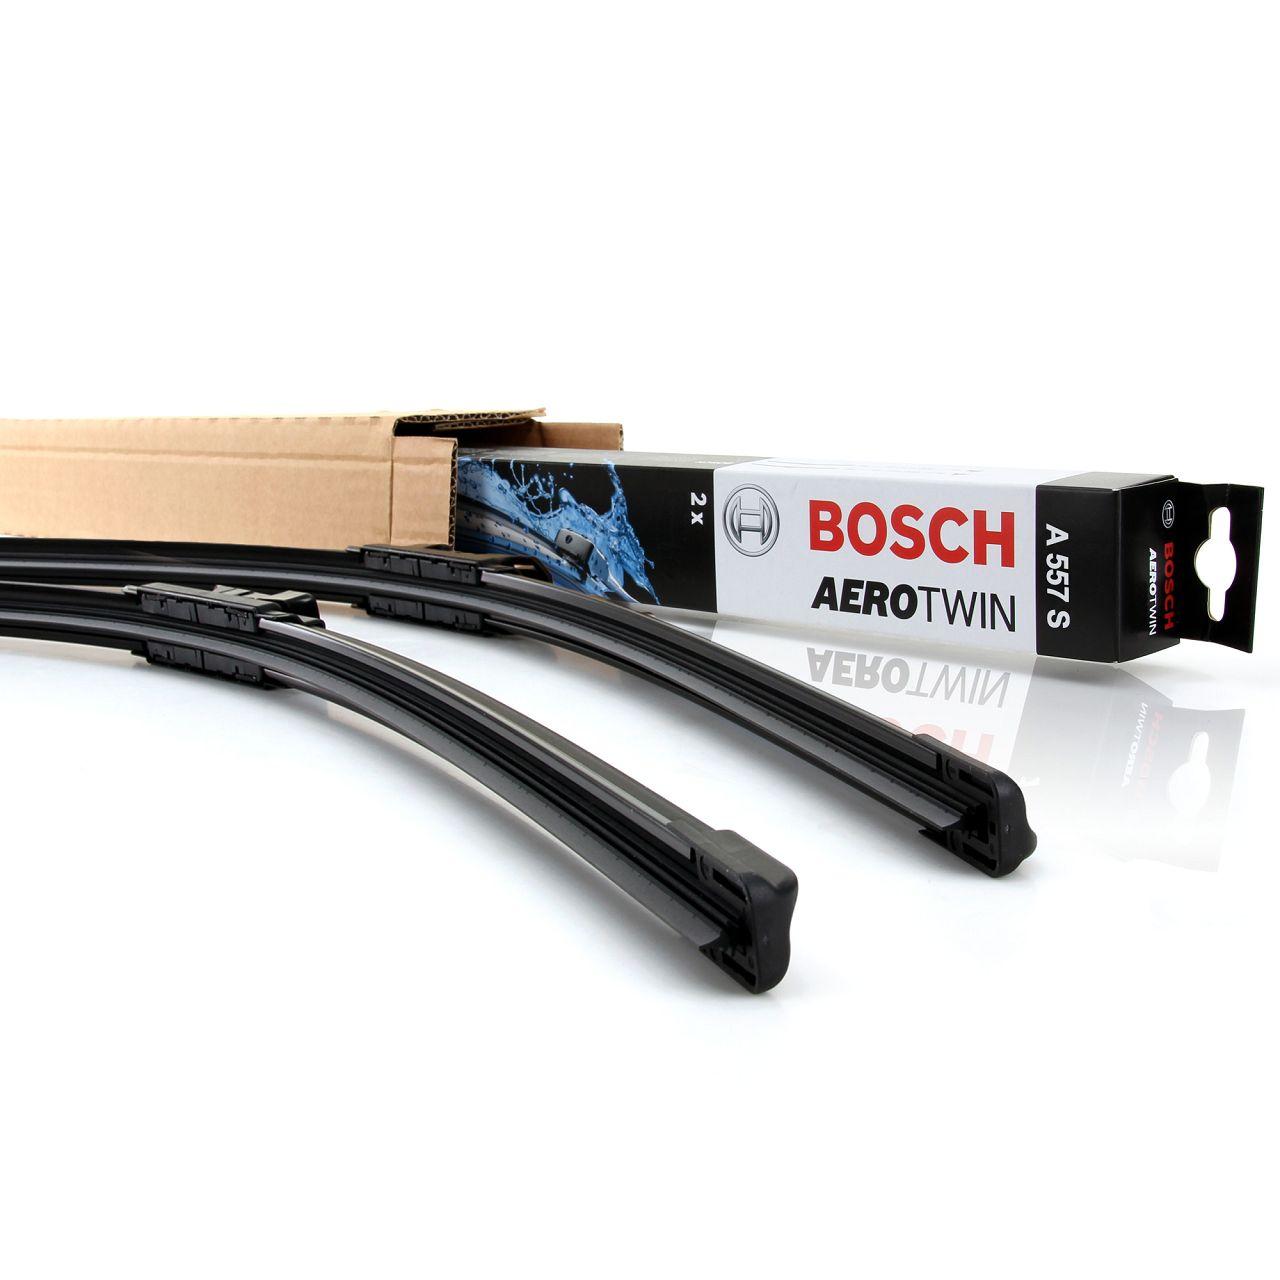 BOSCH AEROTWIN A557S Scheibenwischer Wischerblätter für VW SHARAN 7N TOURAN 5T1